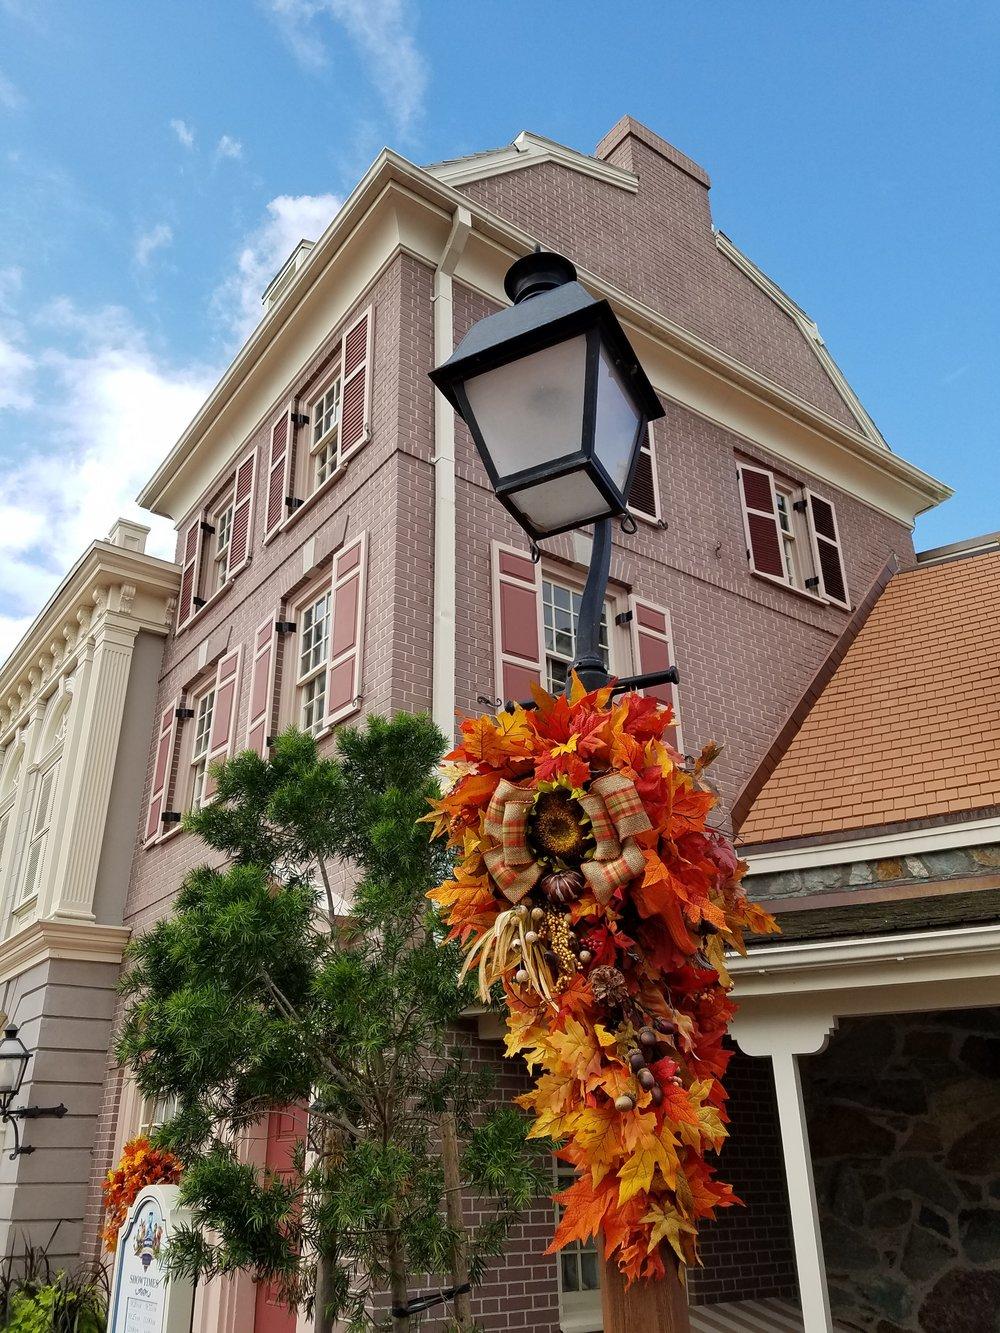 Disney| Disney tips | Magic Kingdom | Disney vacation | Halloween | Disney Halloween | Mickey's Not So Scary Halloween Party